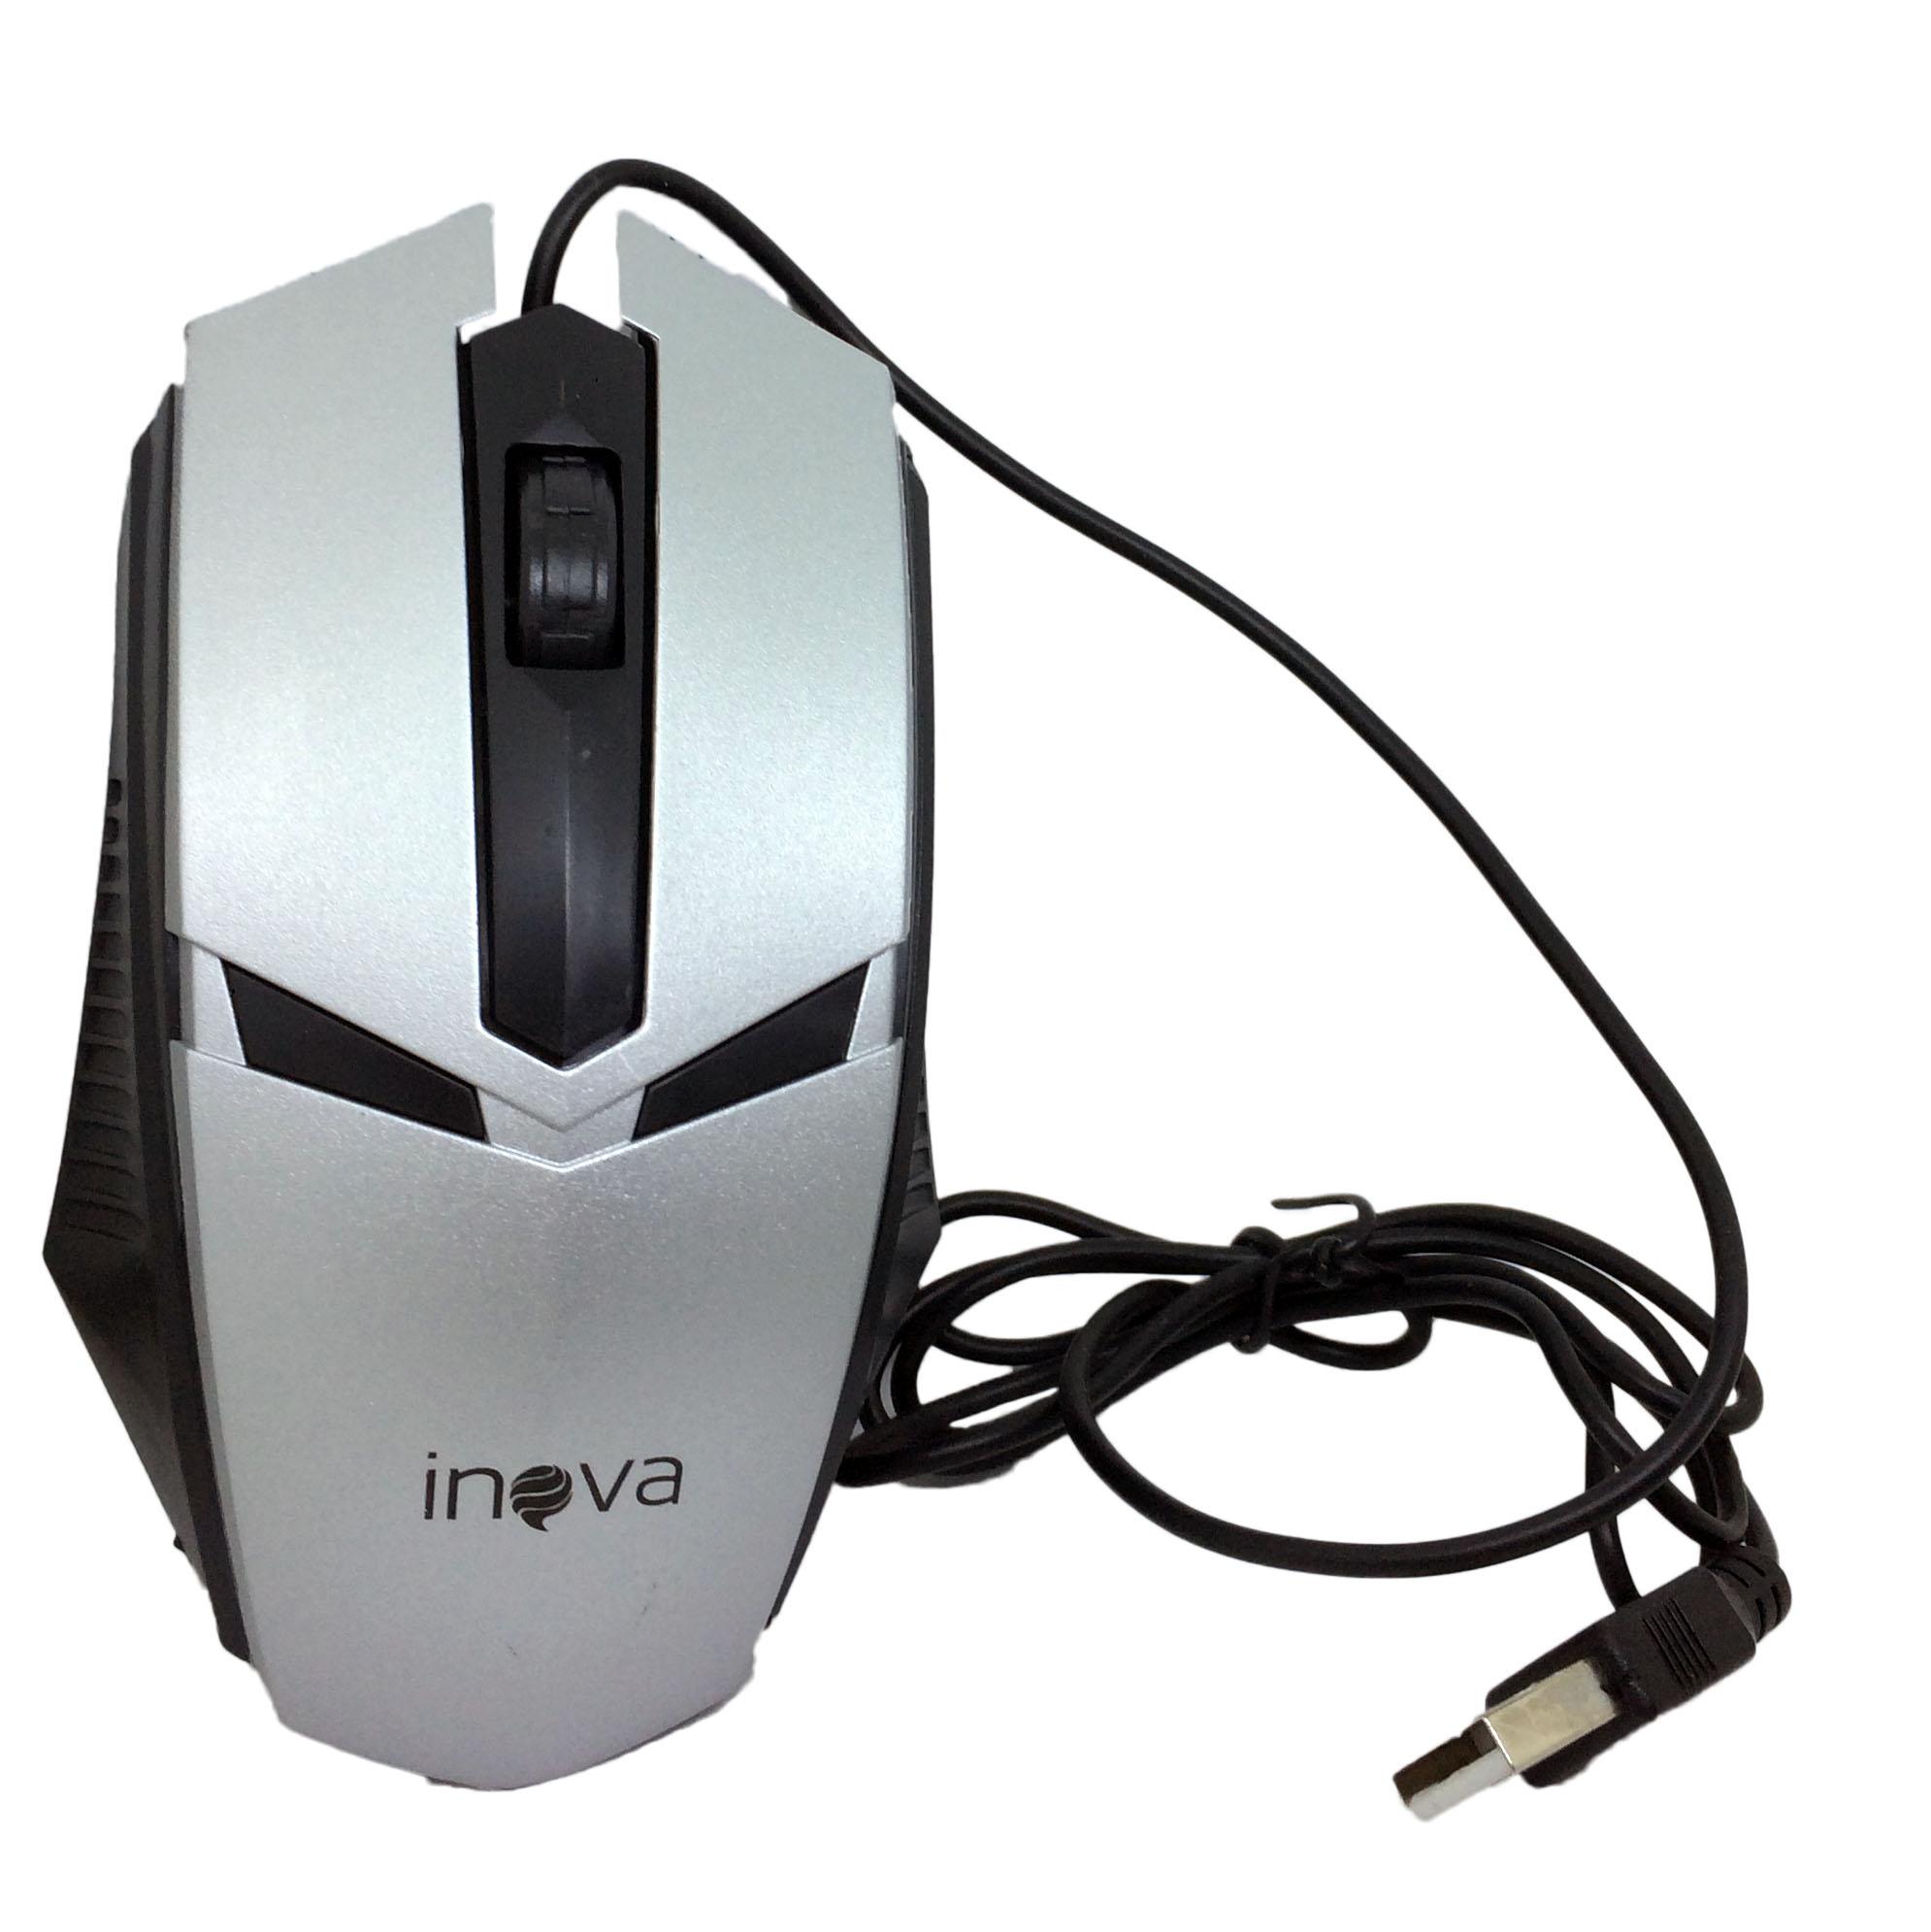 Mouse Óptico Com Fio USB 800Dpi Inova MOU-6935 Cinza Preto - INOVA BLISTER